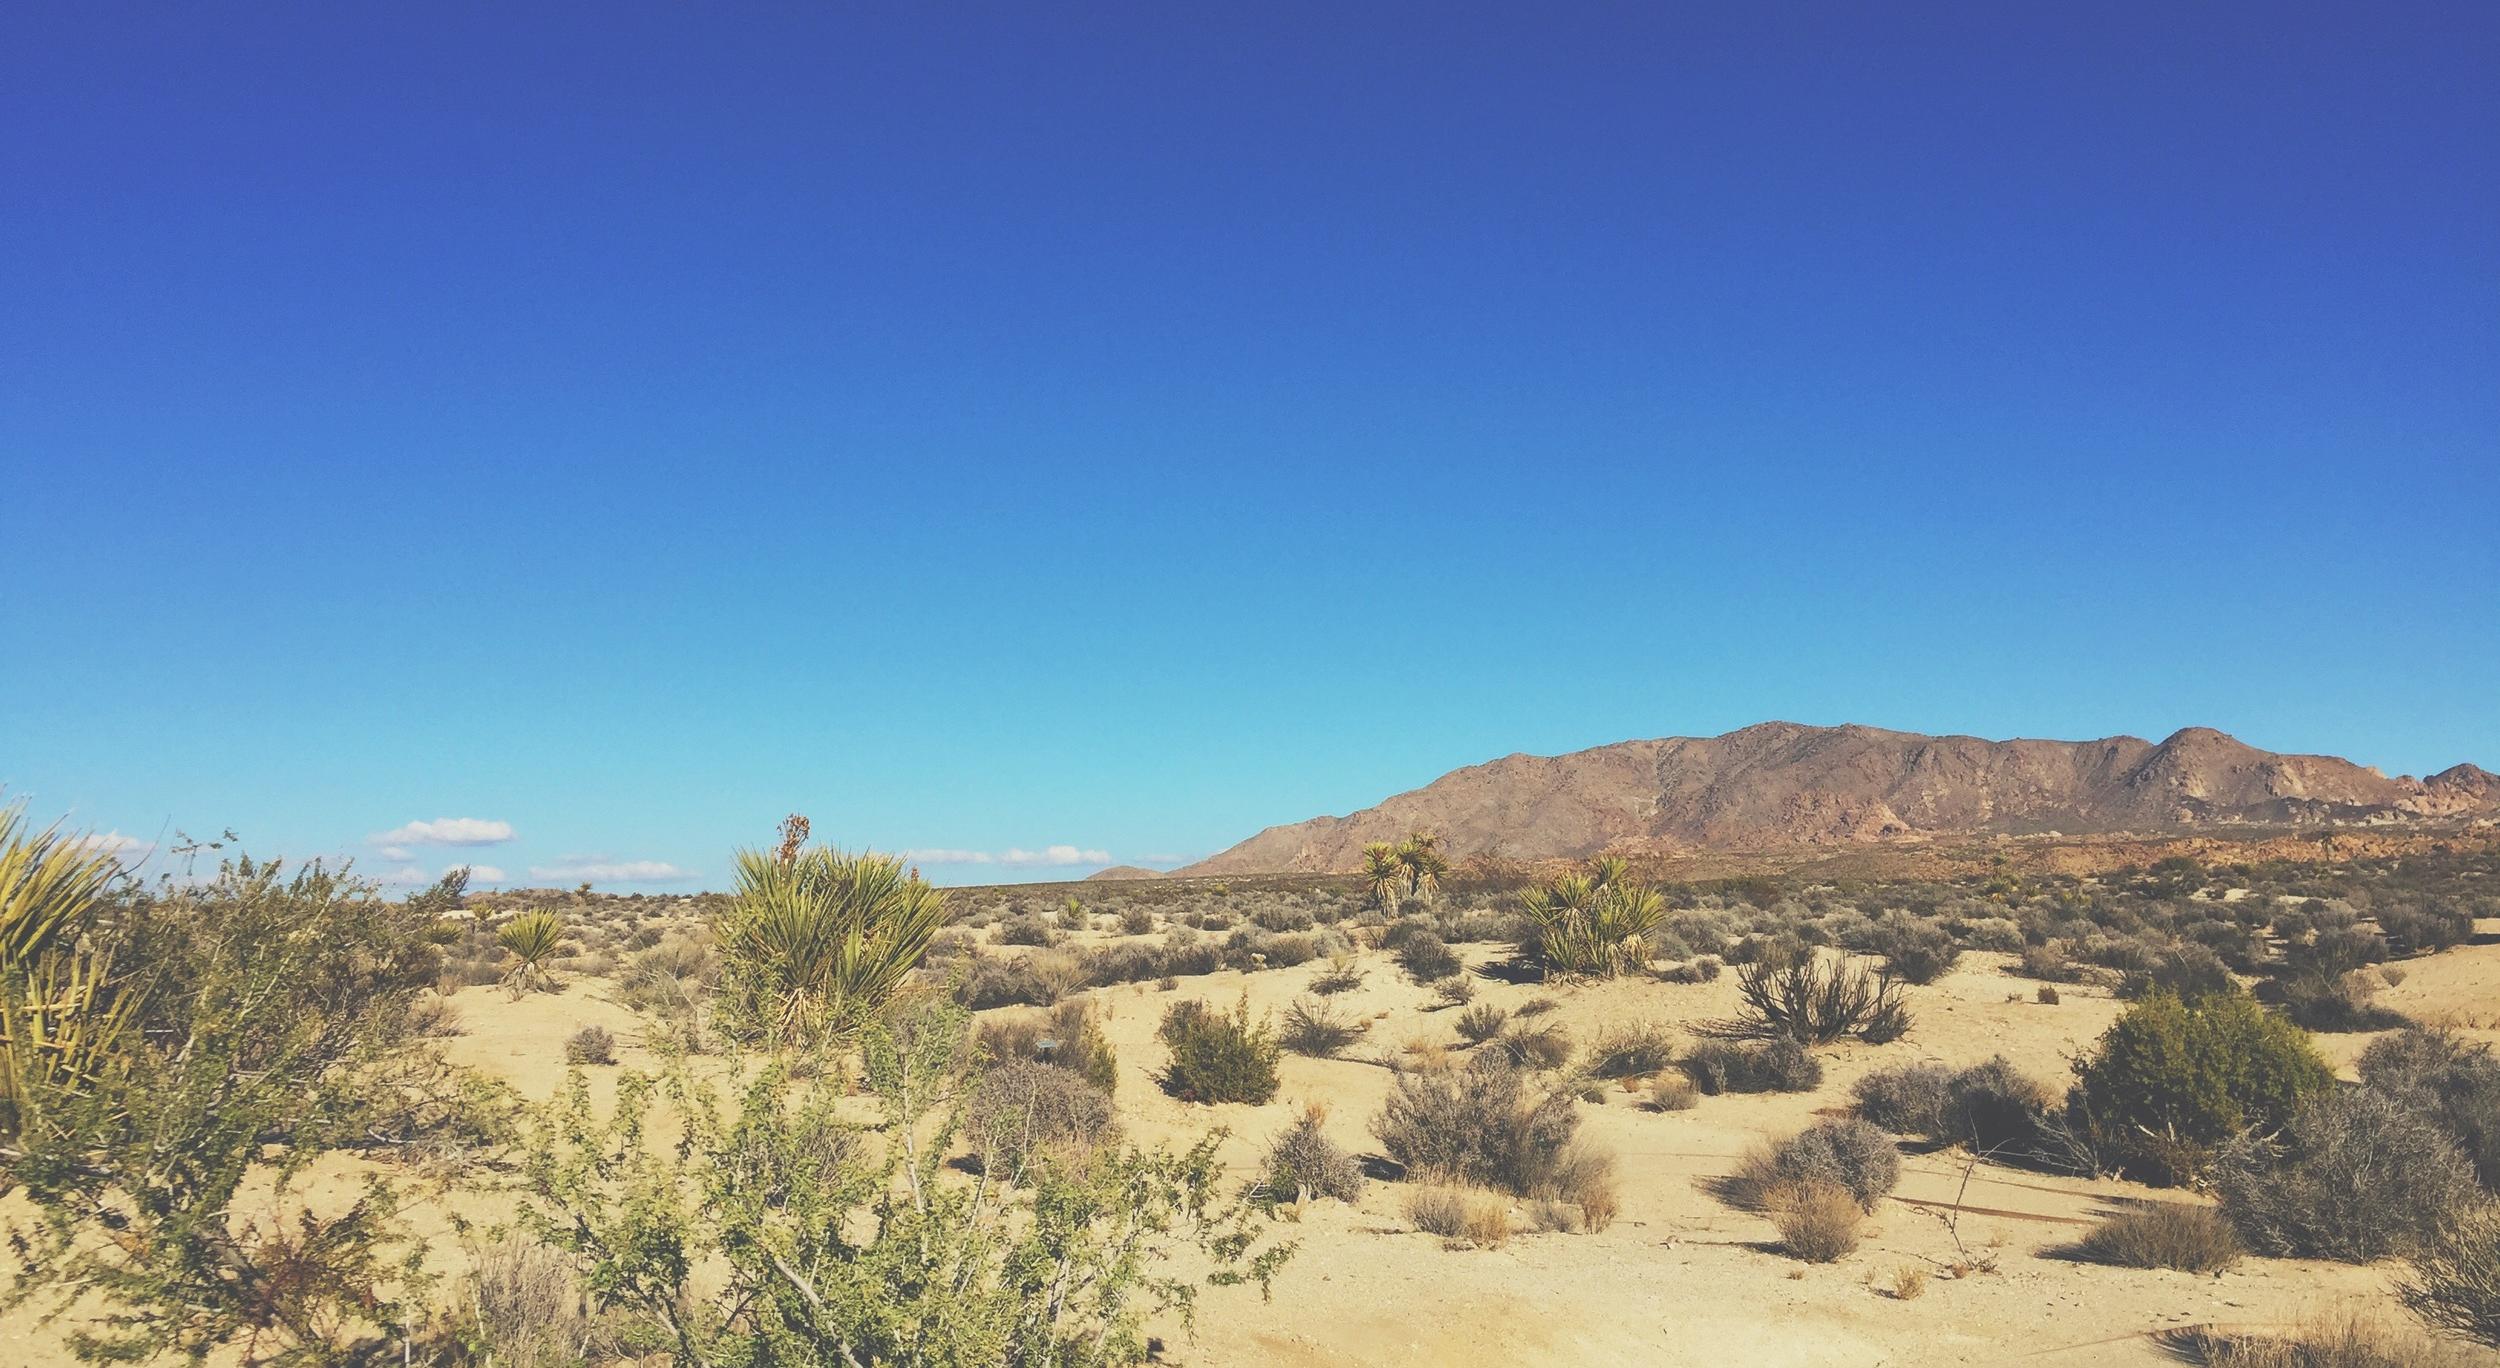 Mira, un desierto